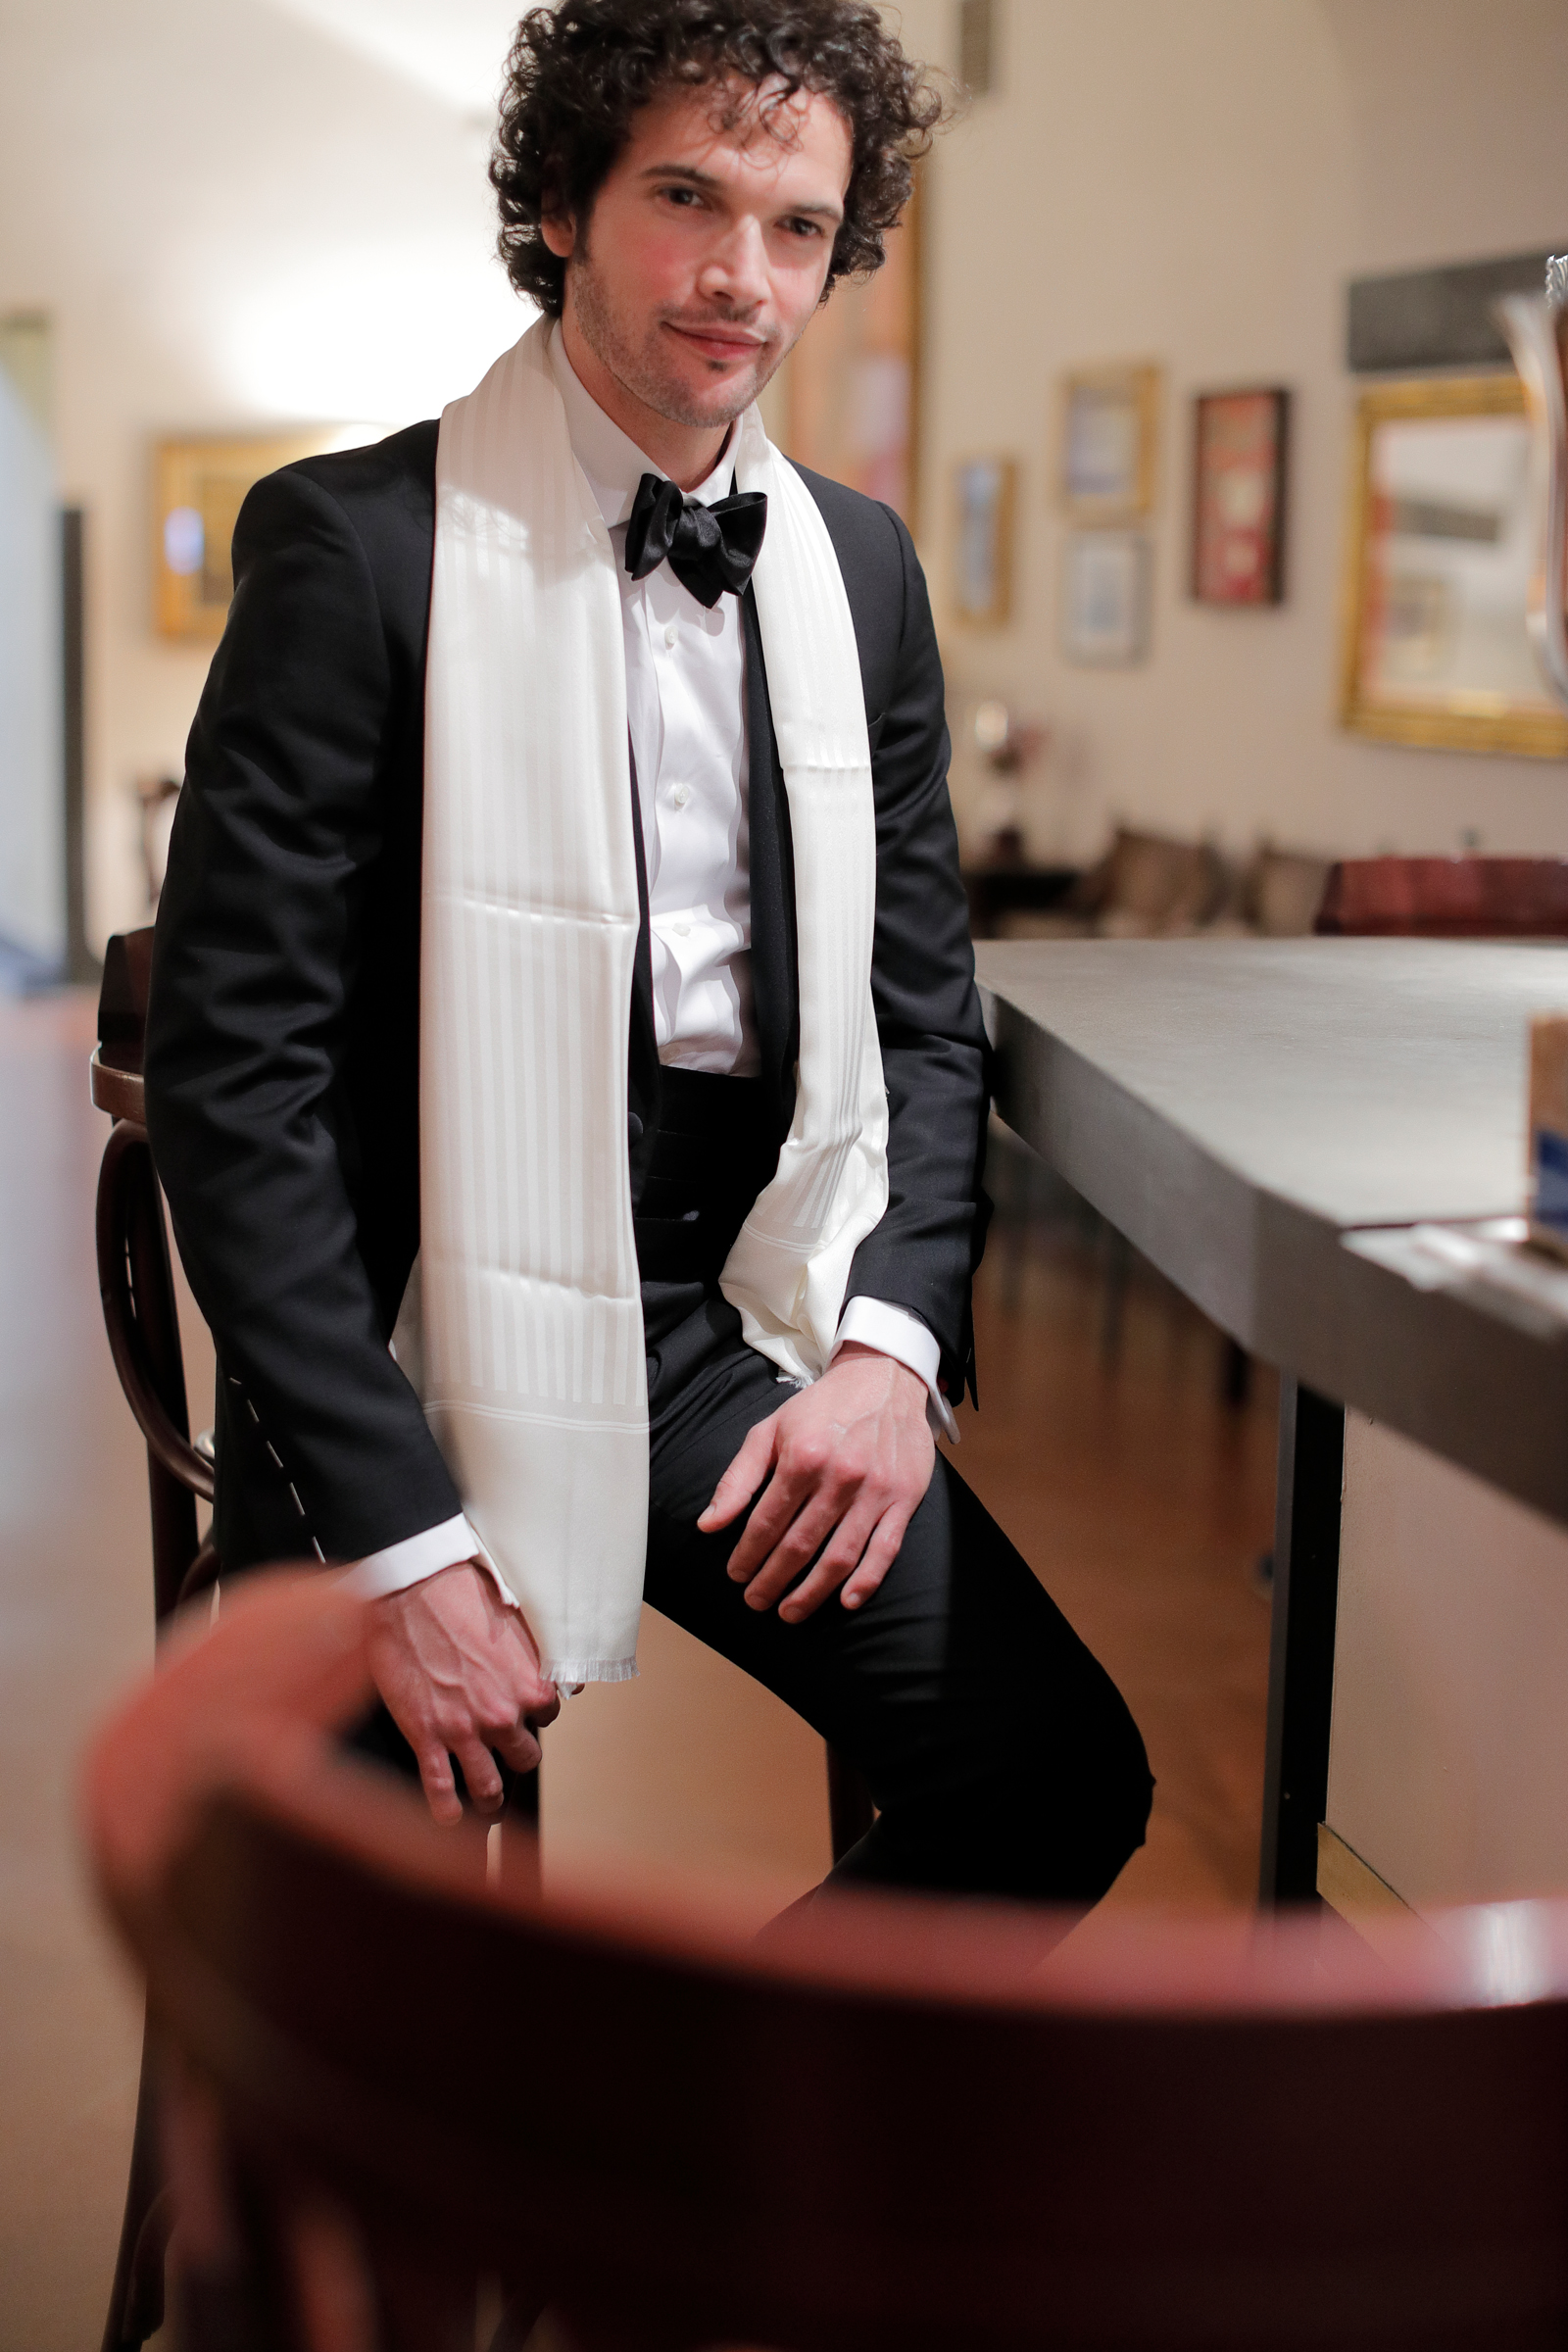 man with a tuxedo